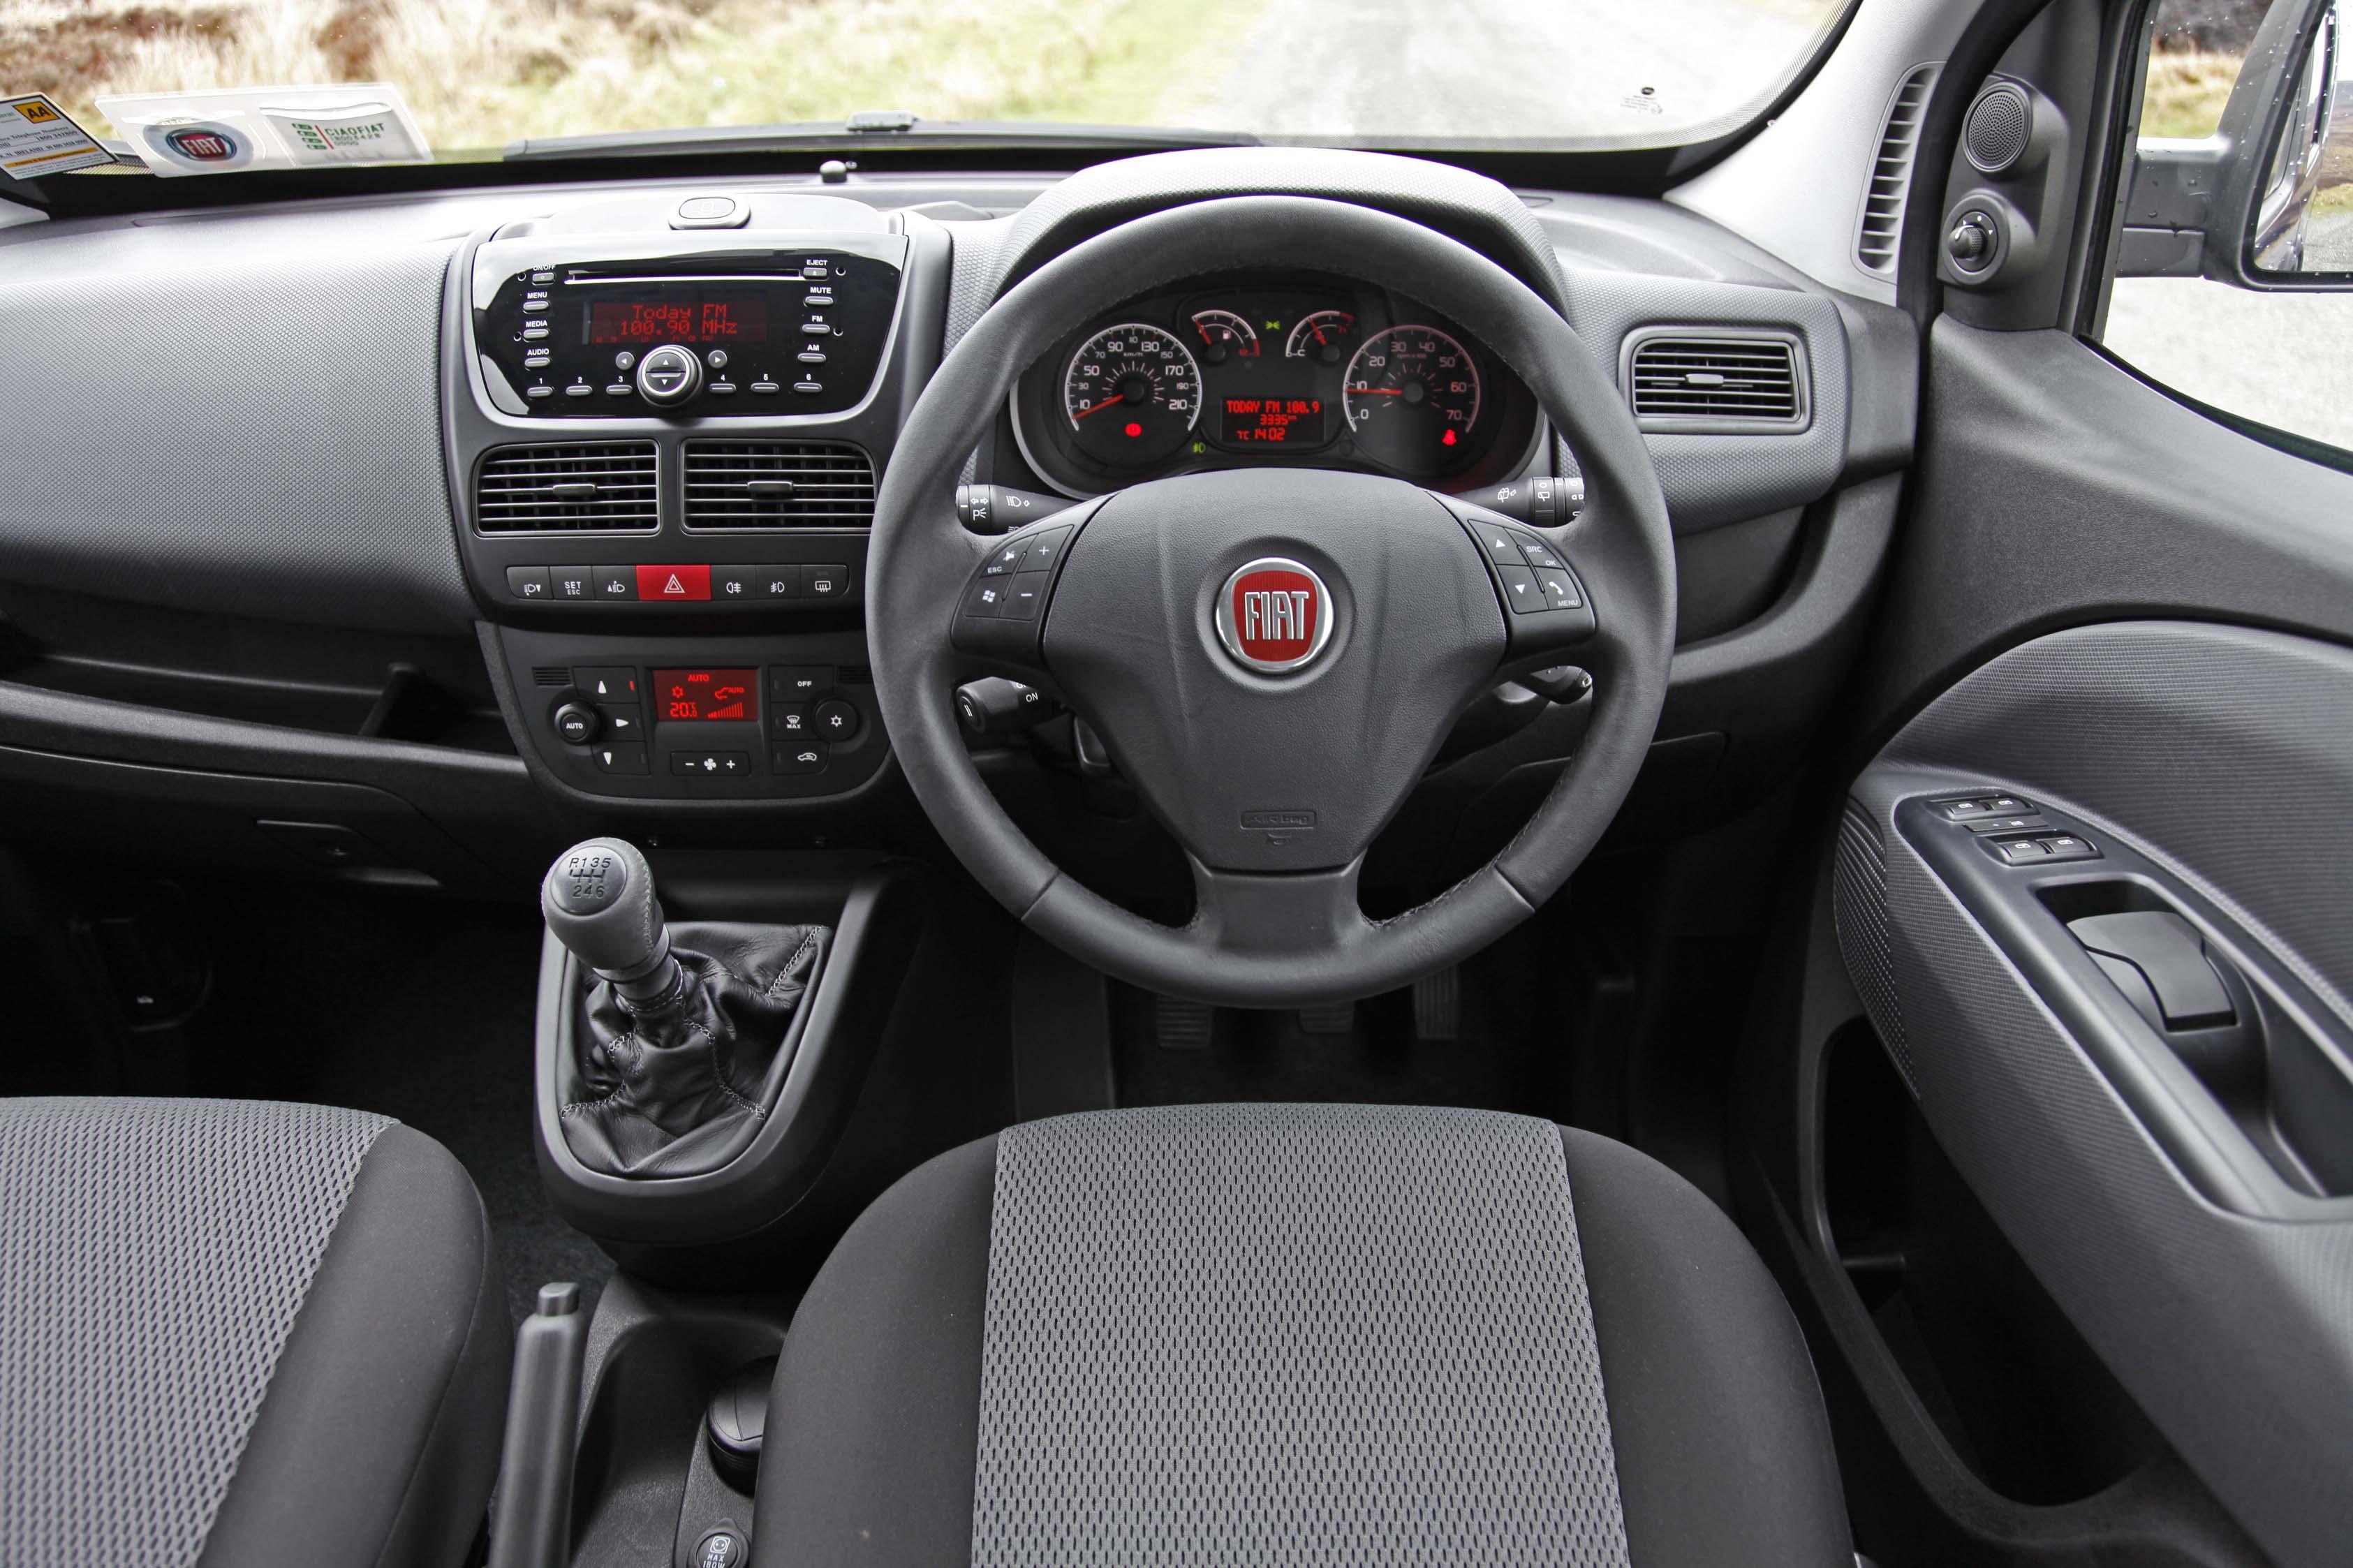 Fiat Doblo 1 6 Multijet The Next Gear